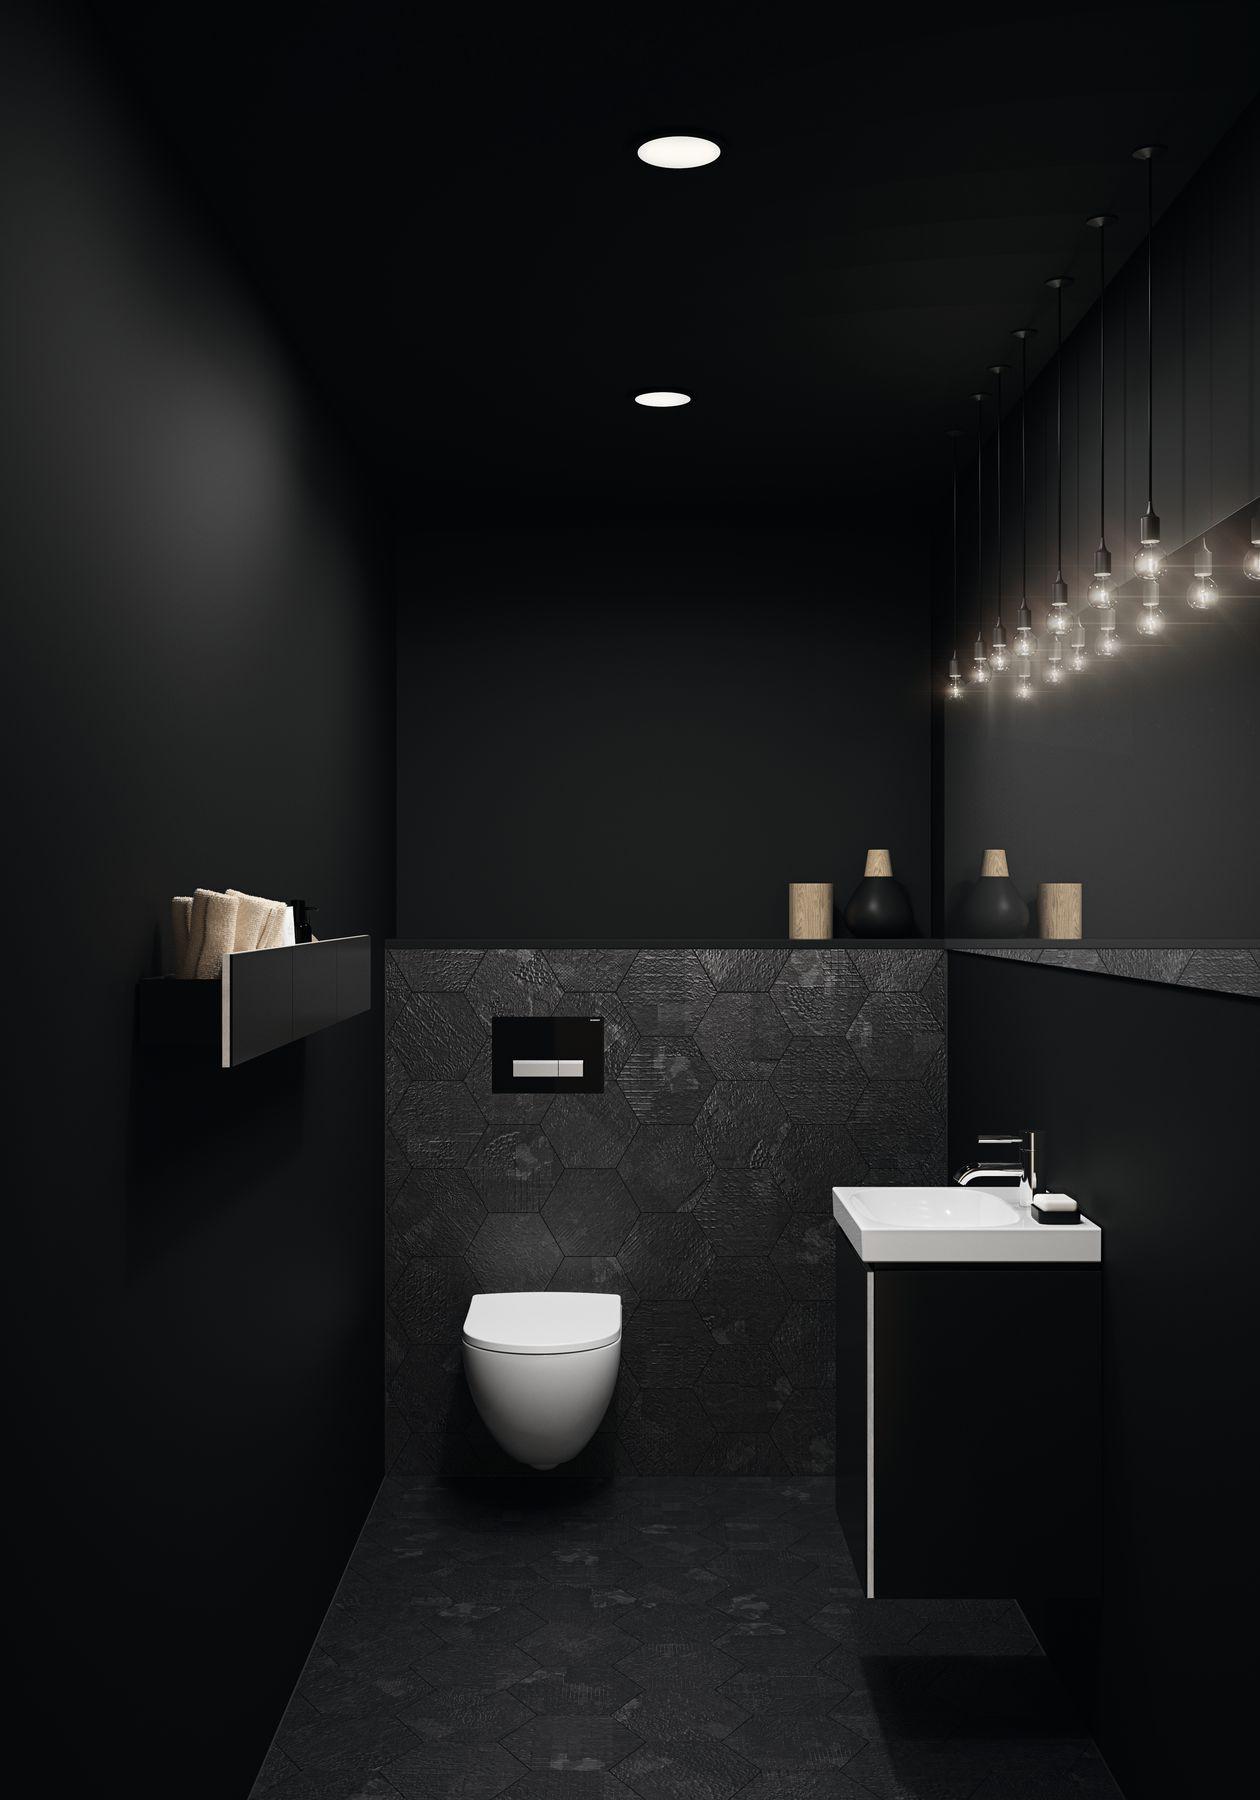 Sphinx Acanto toilet in Rimfree-uitvoering en toiletmeubel uit de nieuwe Acanto serie van Sphinx #sphinx #toilet #toiletruimte #rimfree